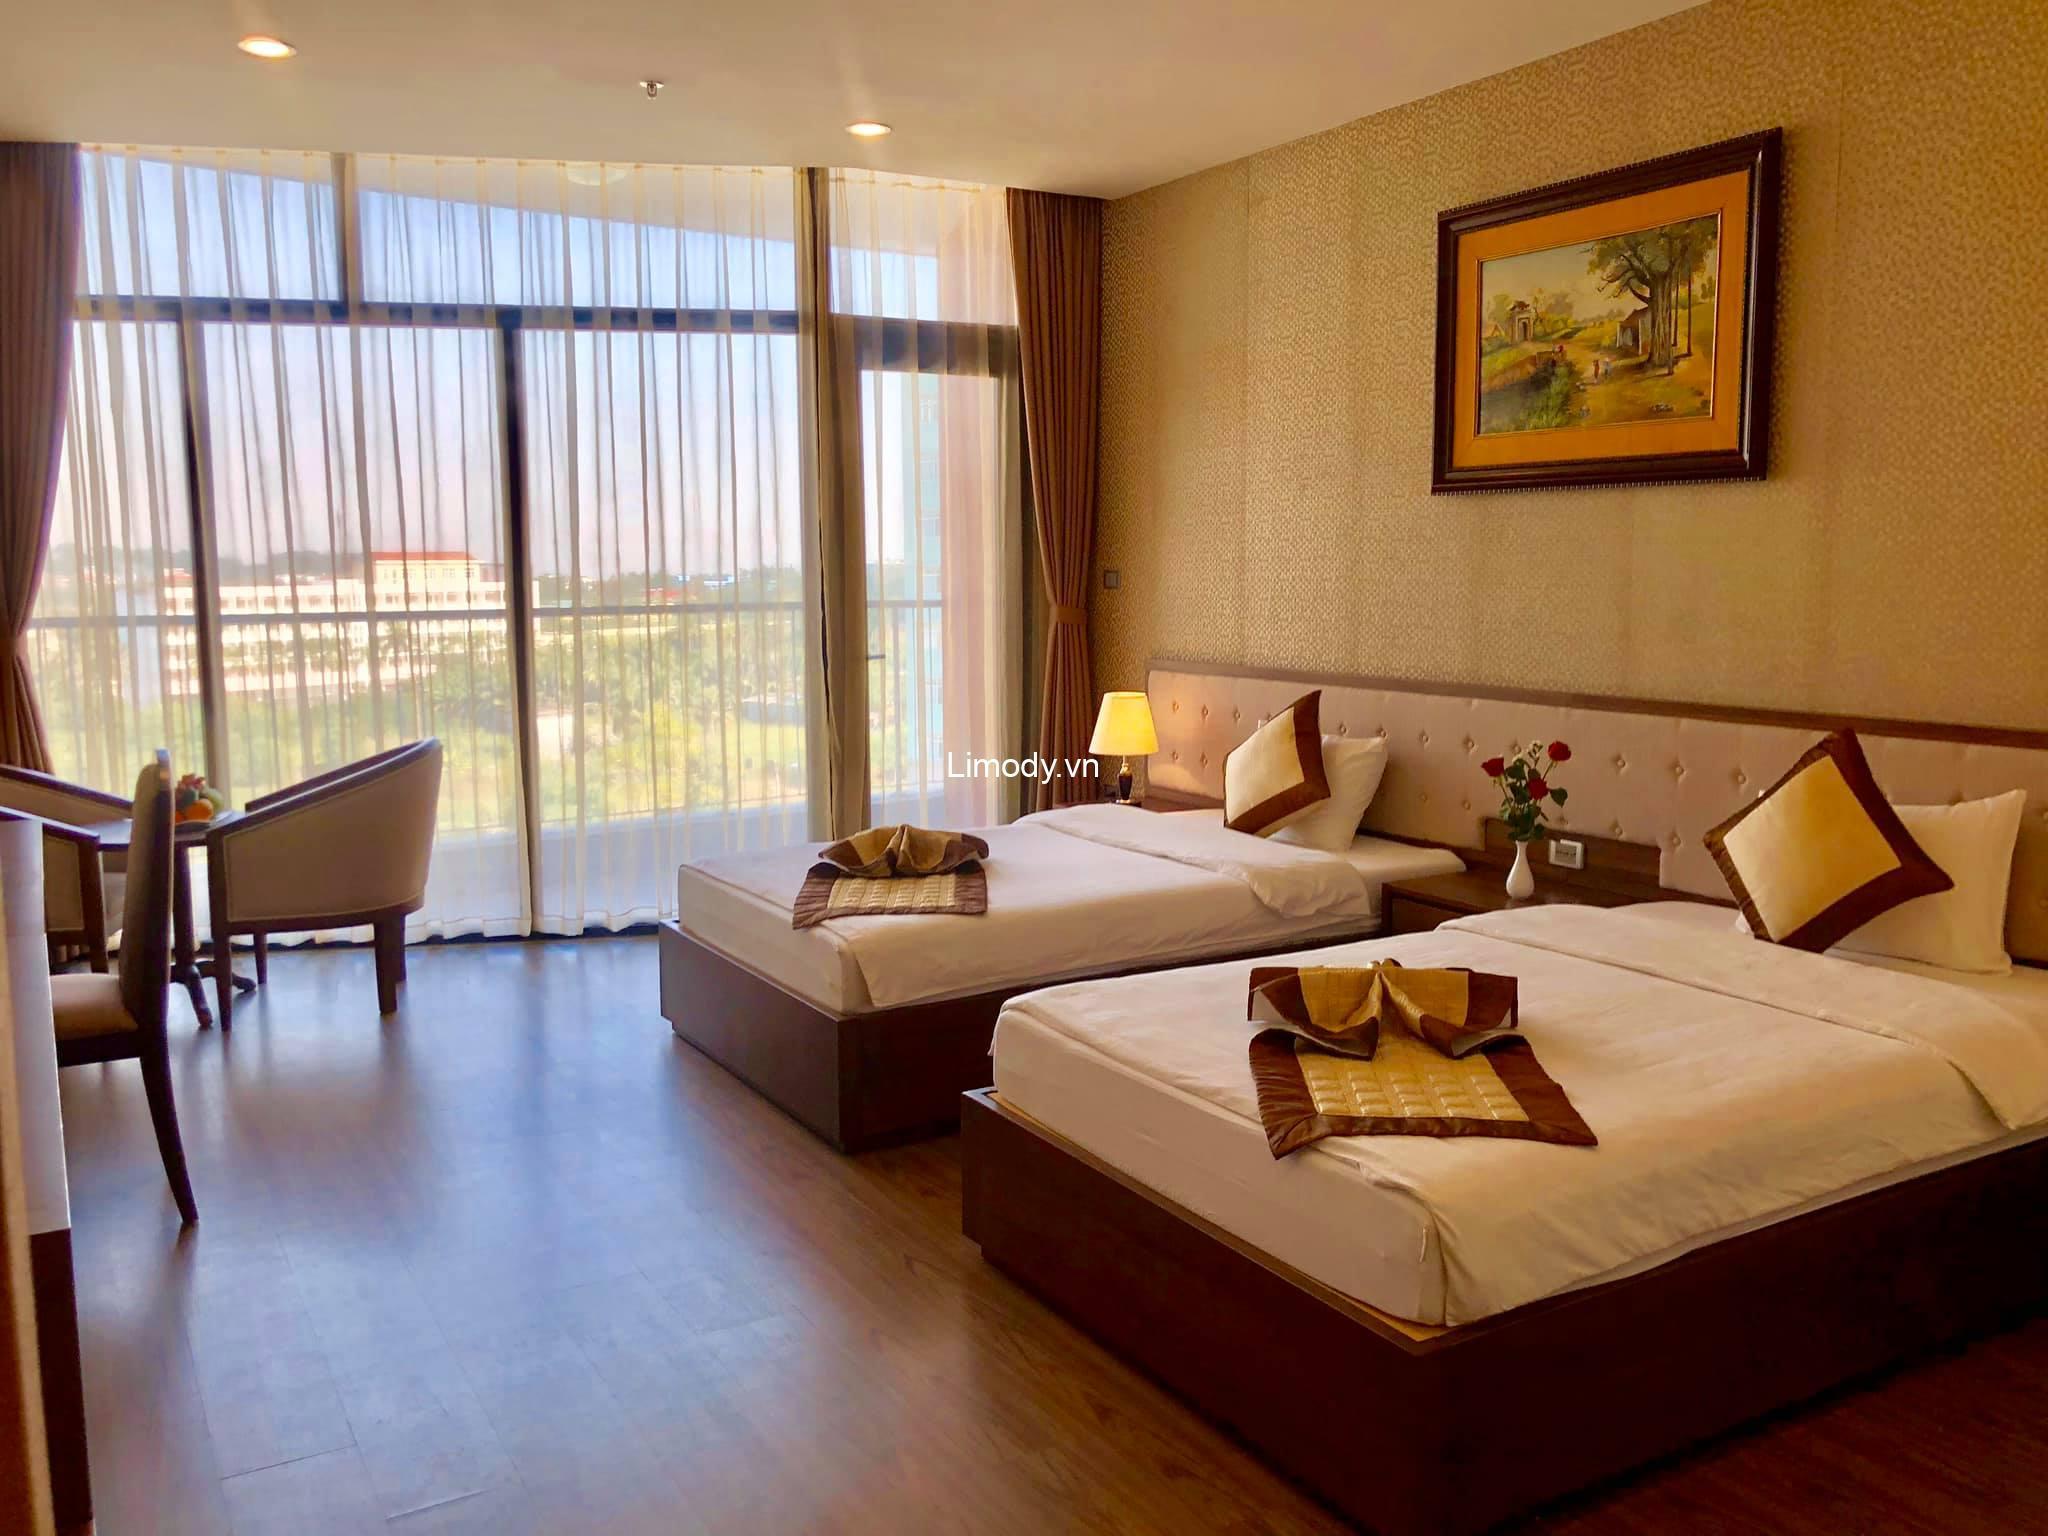 Top 10 Hostel guesthouse nhà nghỉ Đồ Sơn giá rẻ view đẹp gần biển